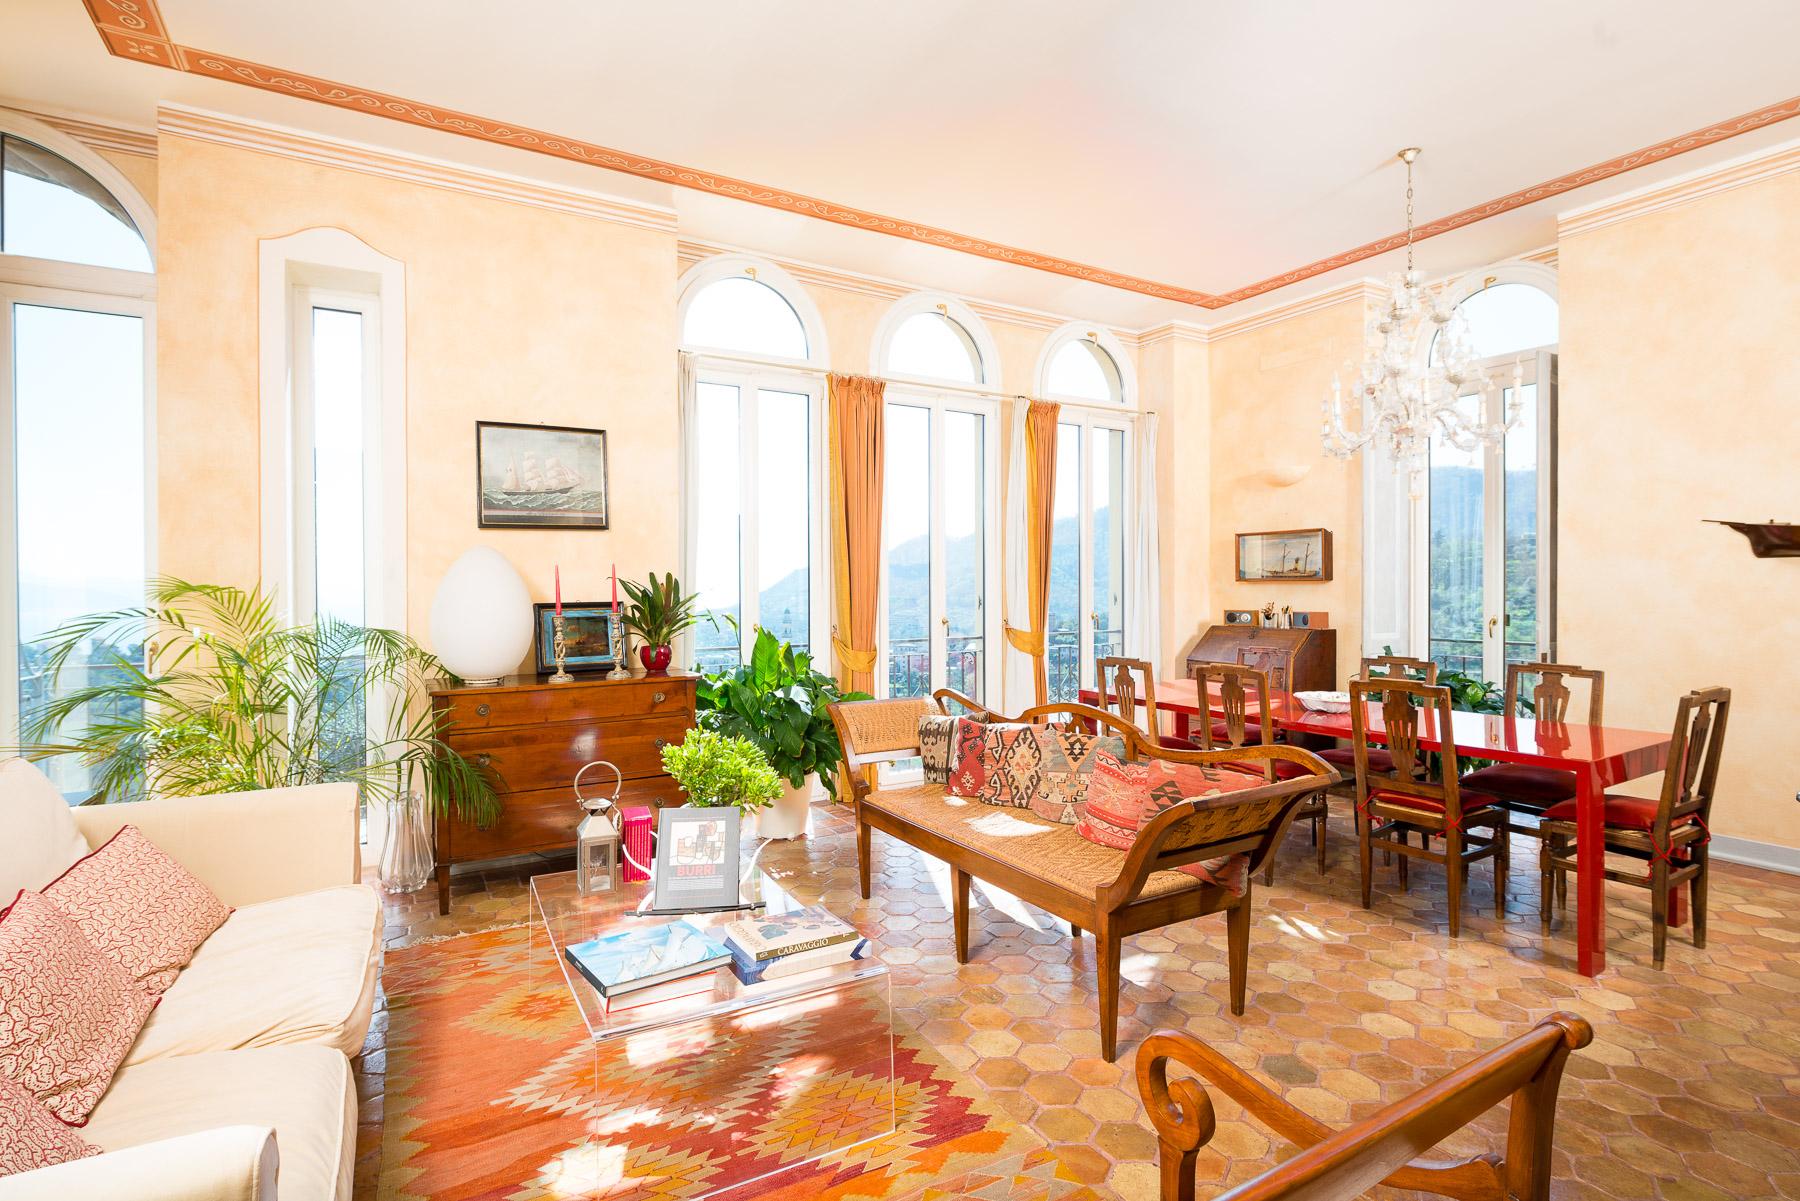 Casa indipendente in Vendita a Santa Margherita Ligure: 5 locali, 260 mq - Foto 4